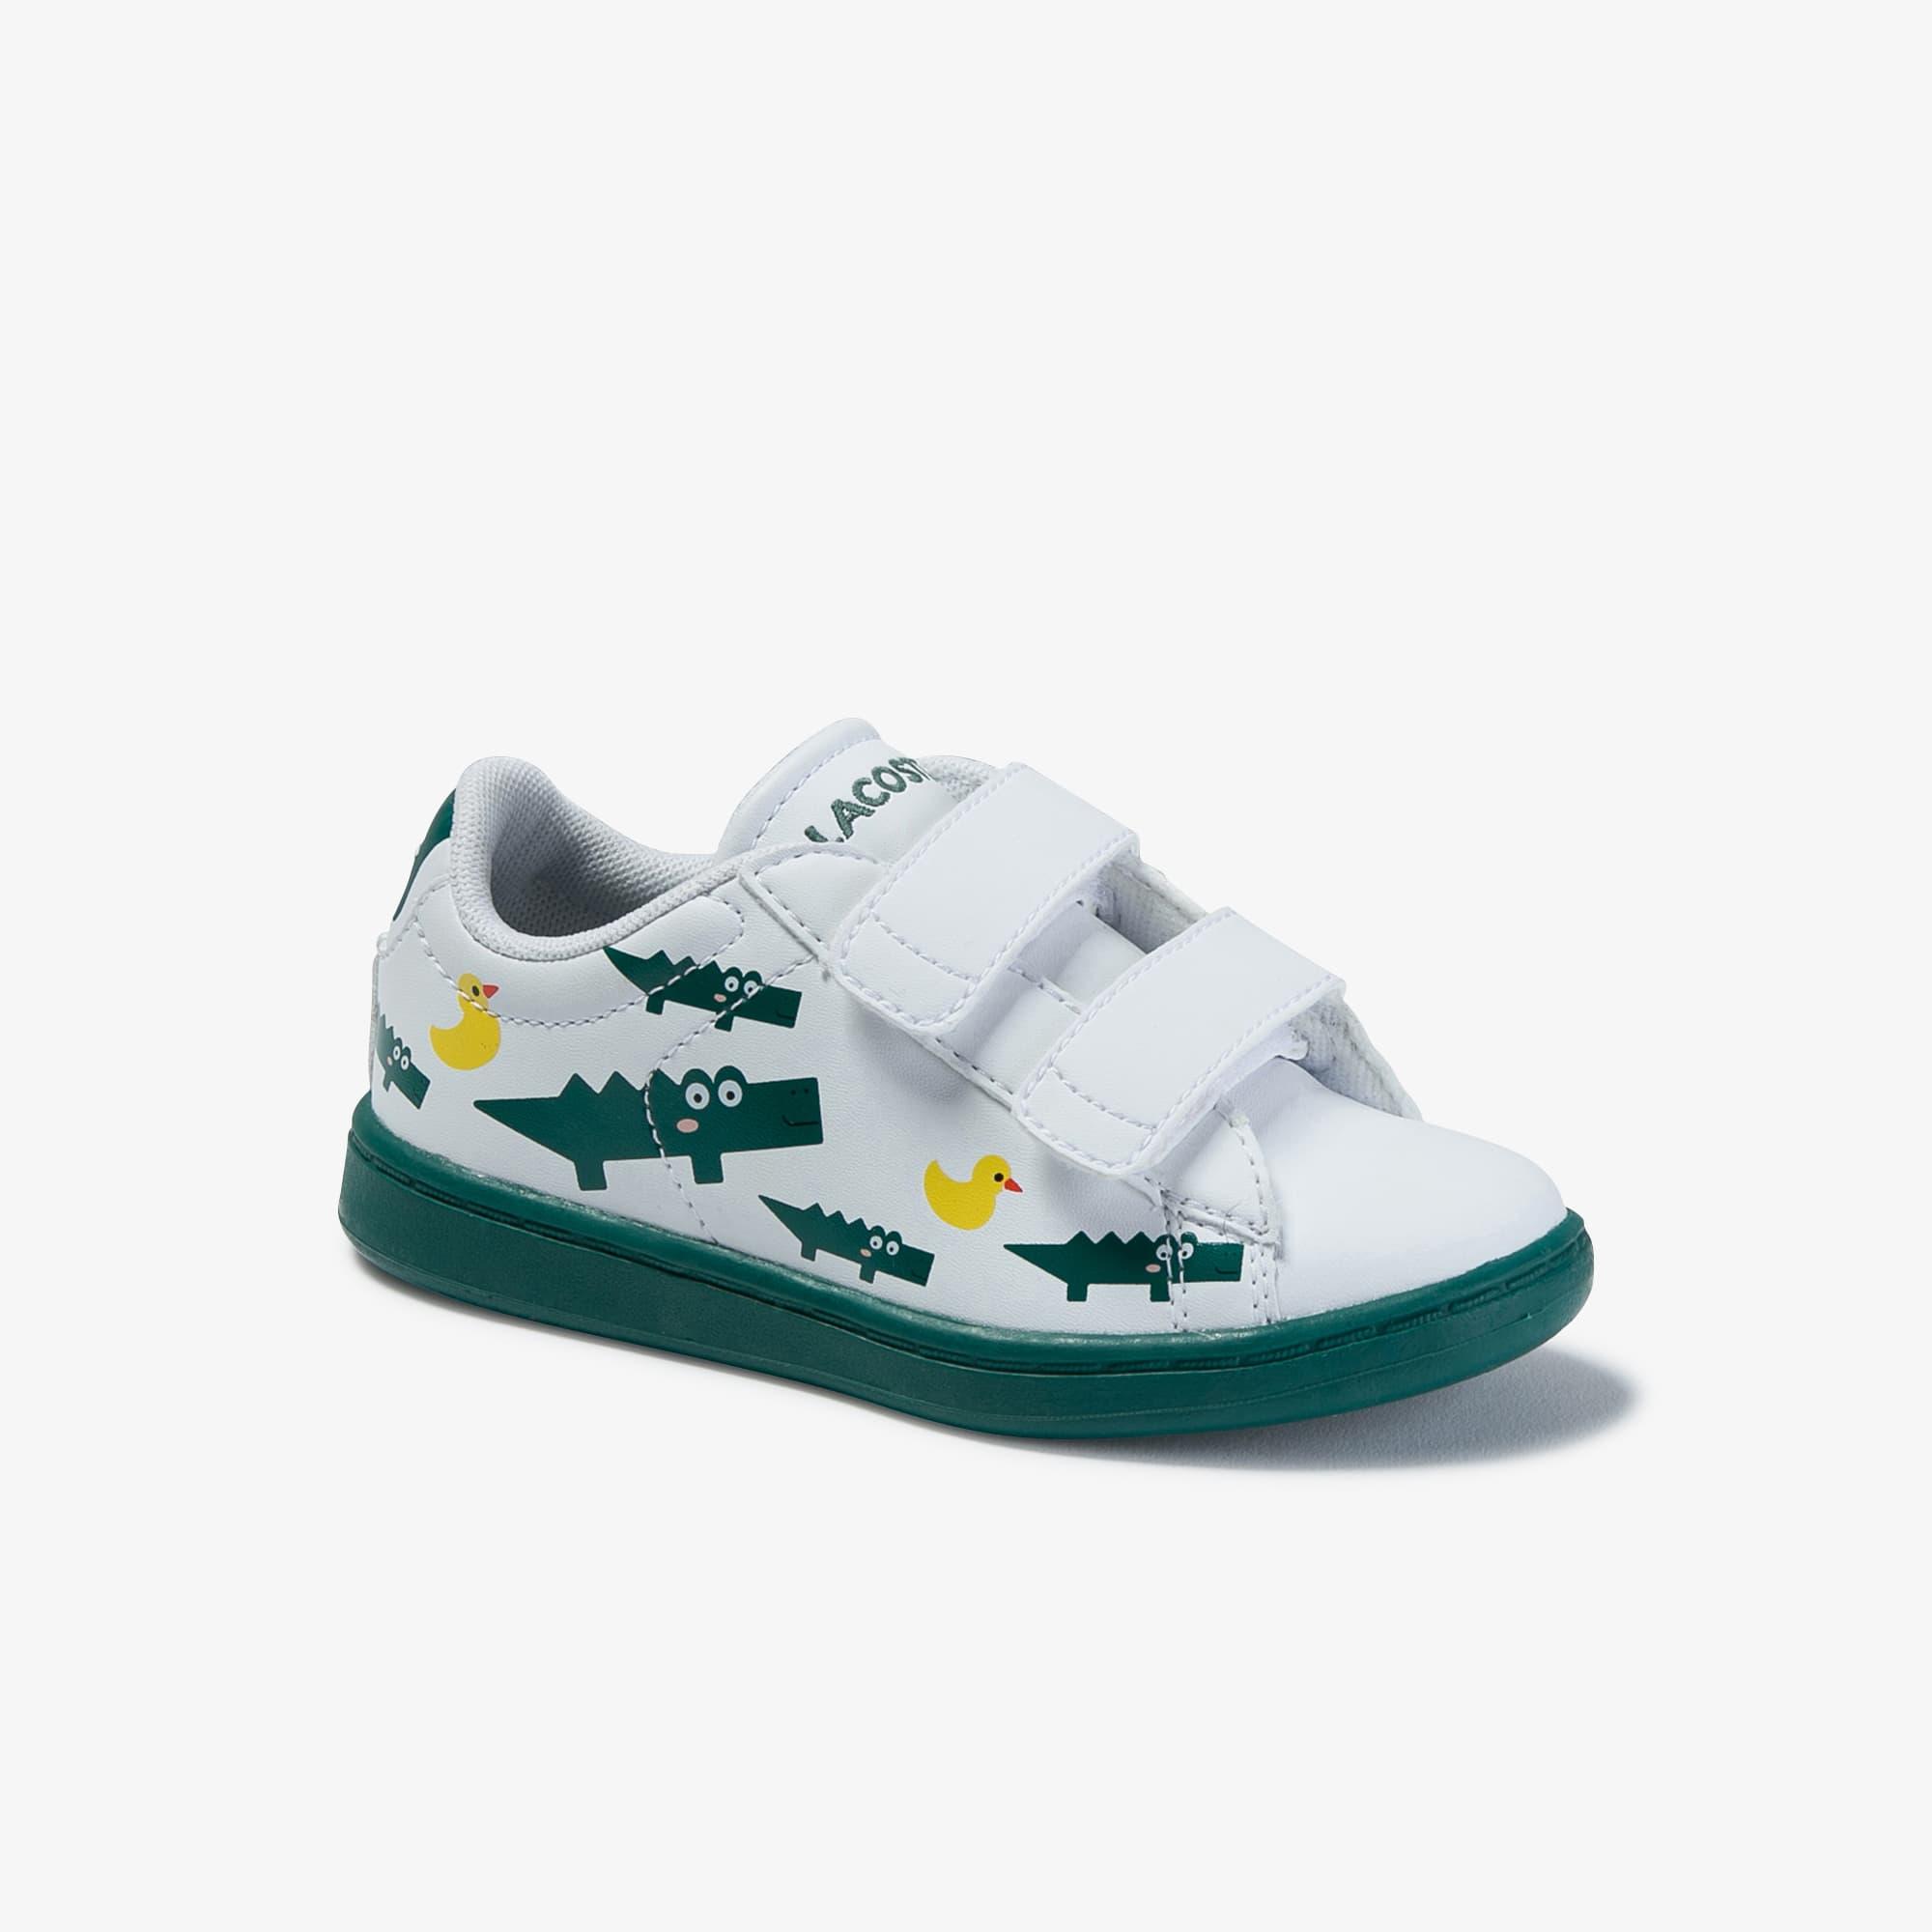 Zapatillas infantiles Carnaby Evo de material sintético estampado